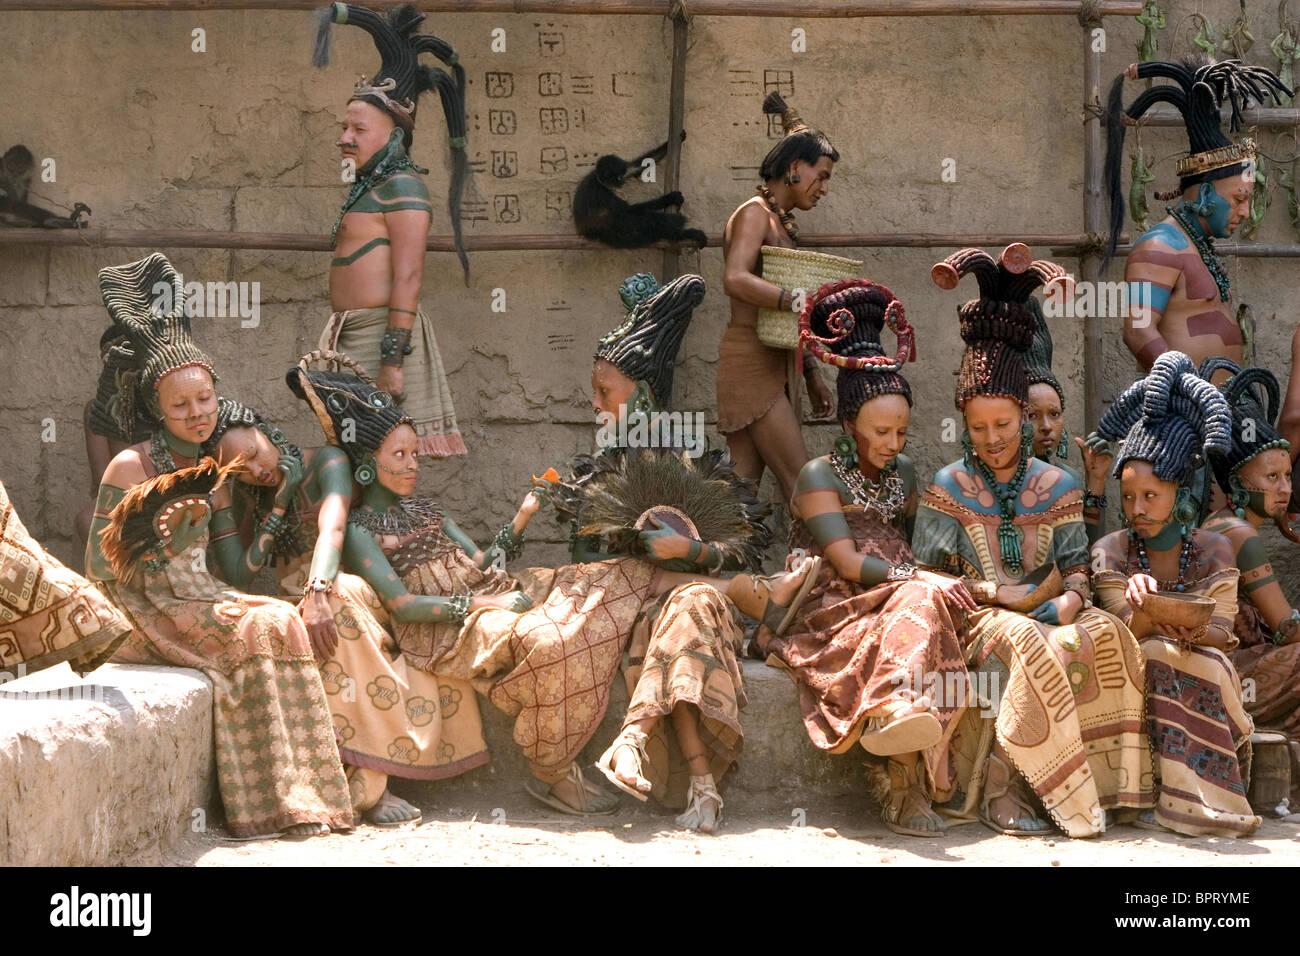 MAYAN TRIBESPEOPLE APOCALYPTO (2006) - Stock Image